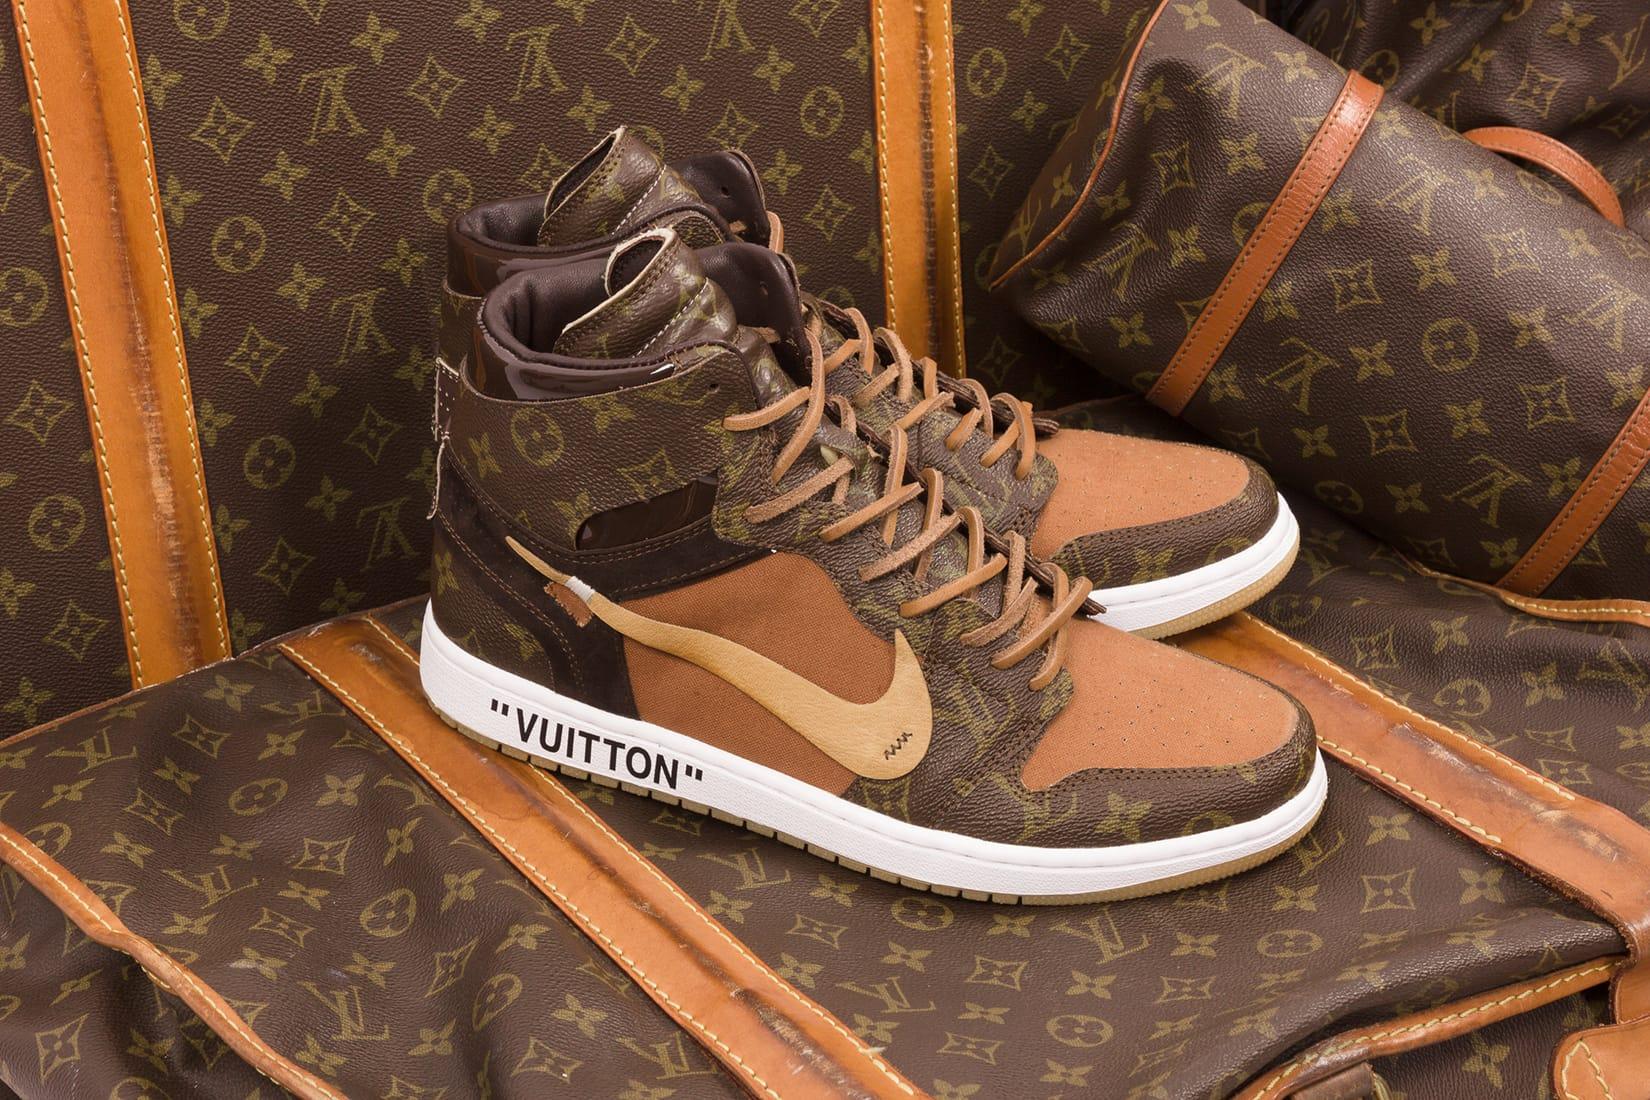 Virgil Abloh x Louis Vuitton Nike